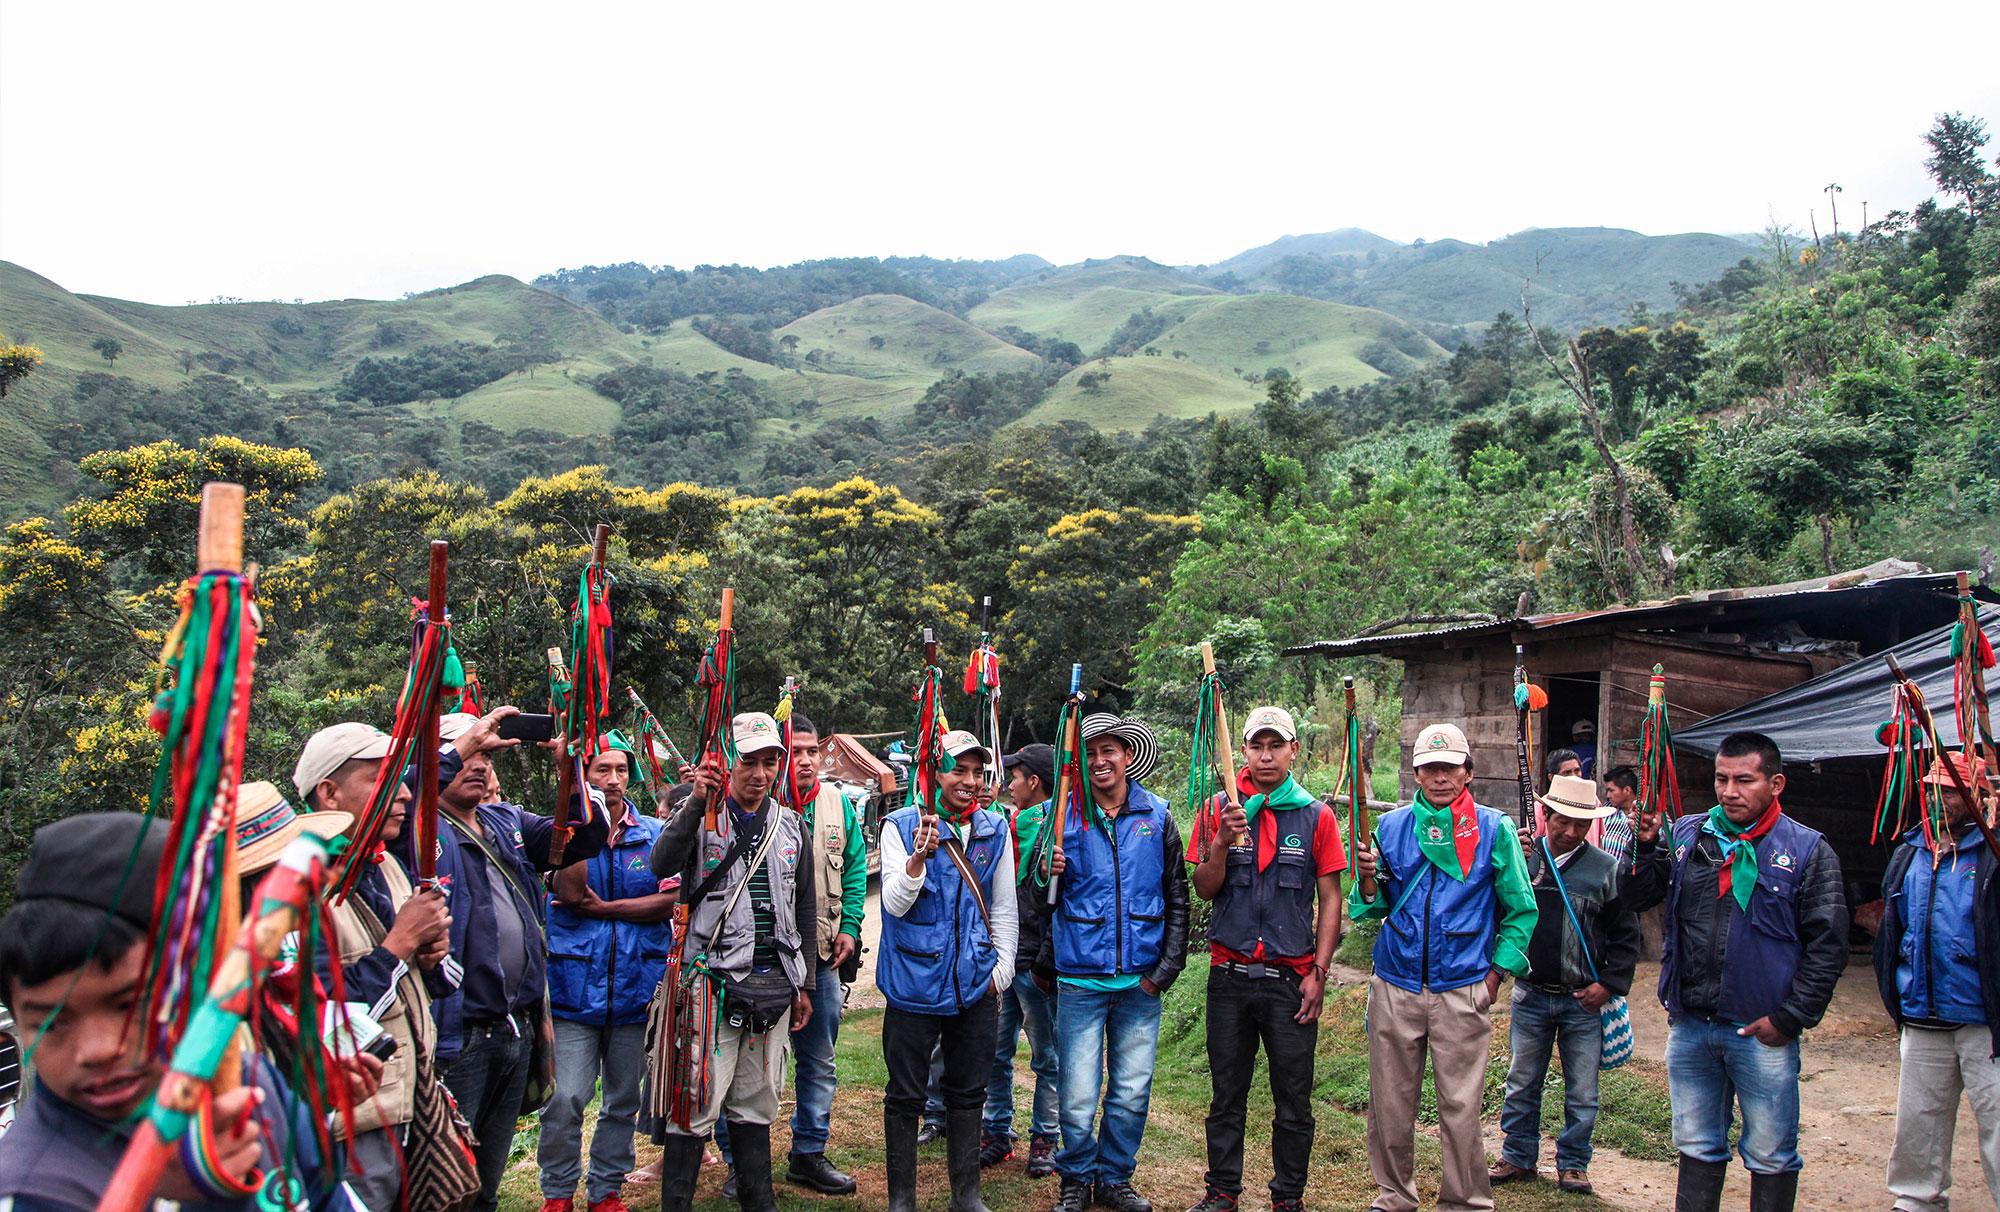 Murió tercera víctima del atentado en el Cauca. Minga y protección, el llamado de guardia indígena   EL FRENTE